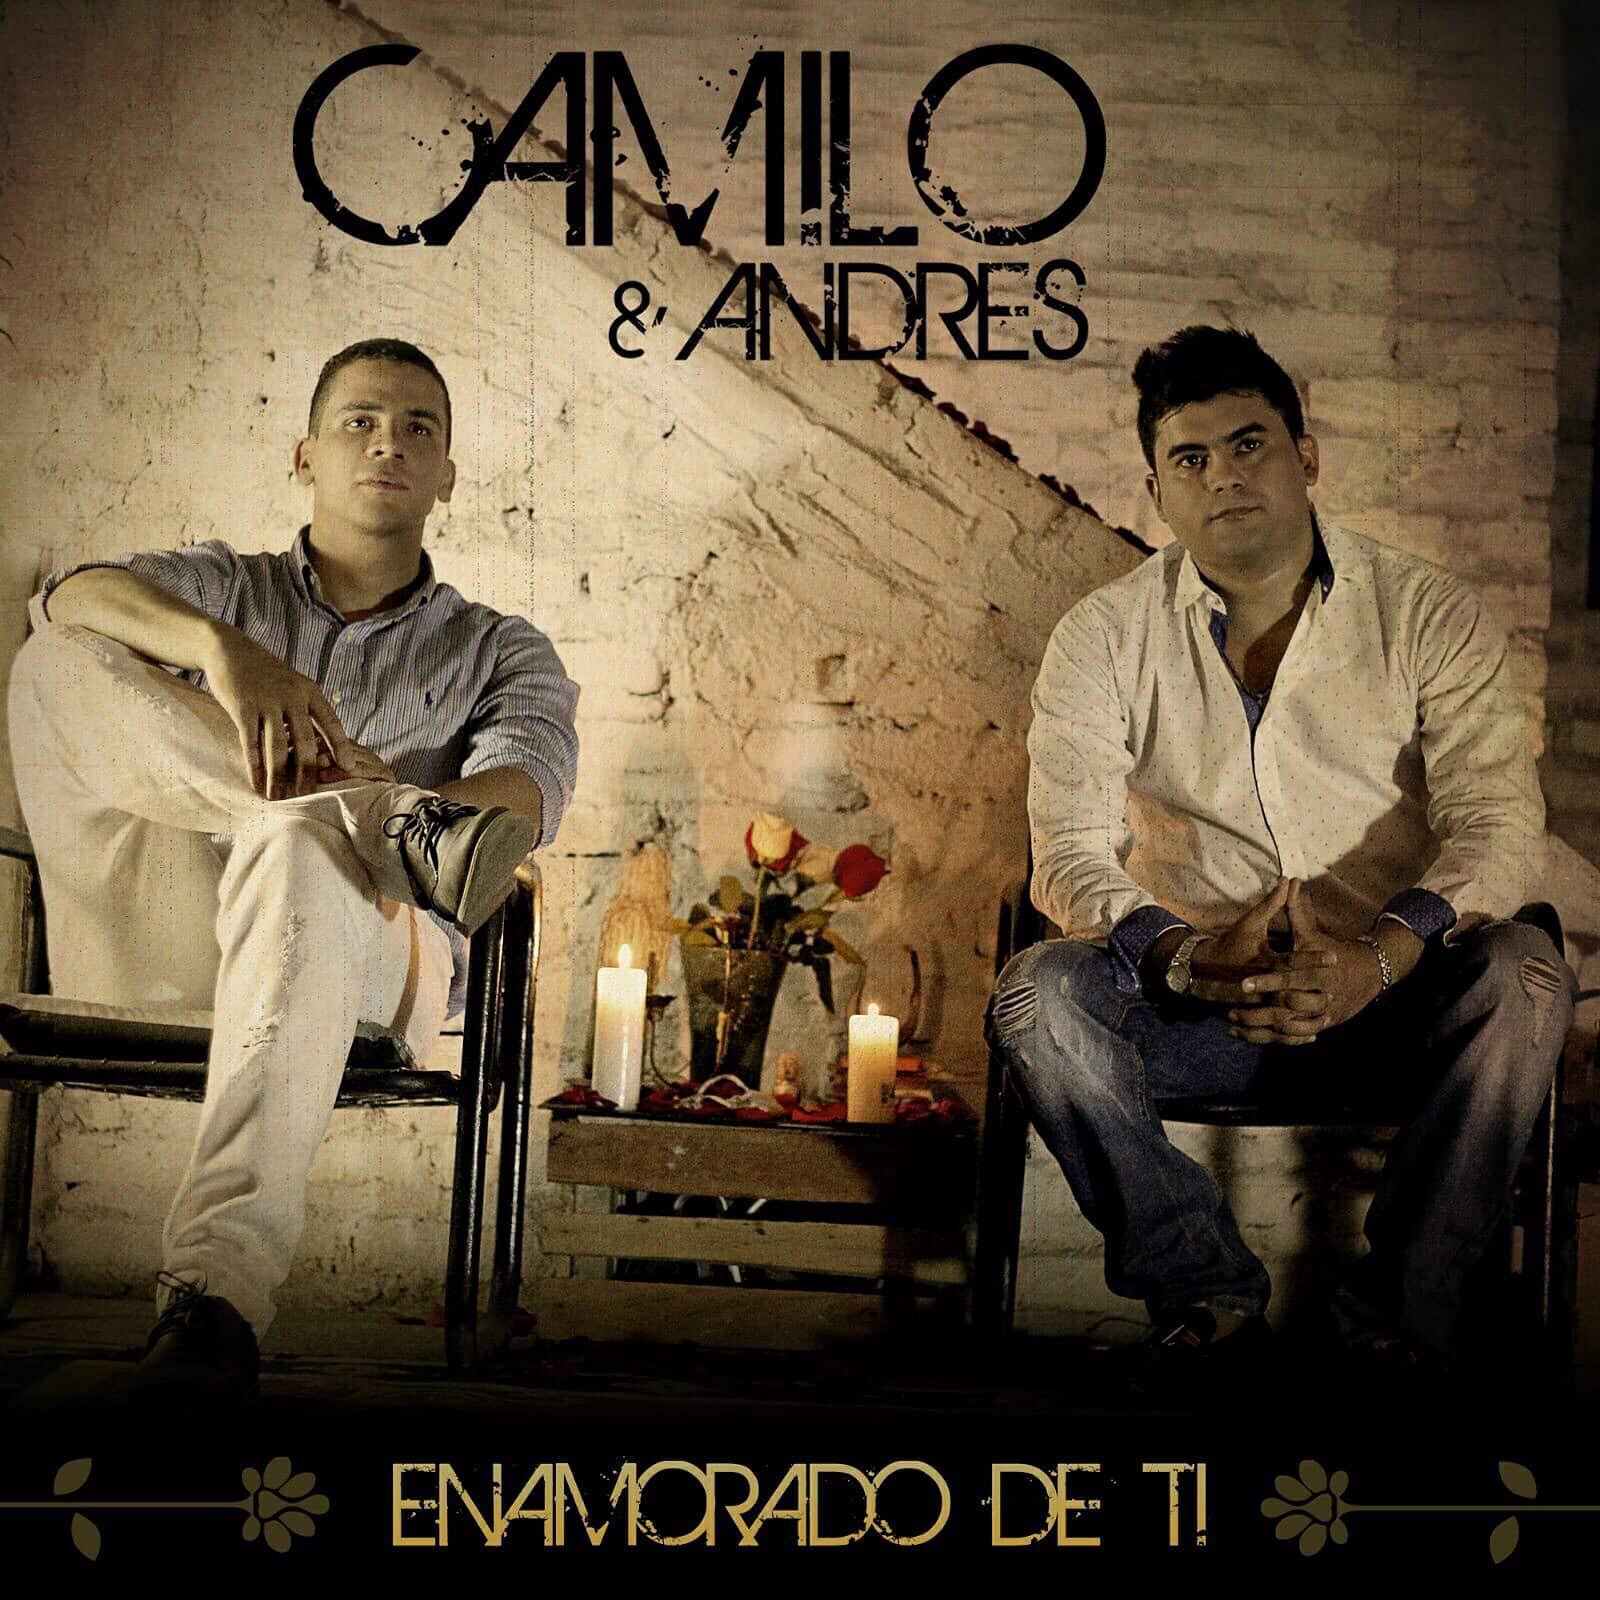 Camilo Bello y Andres Enamorado de ti Via @Vallenatoalcien